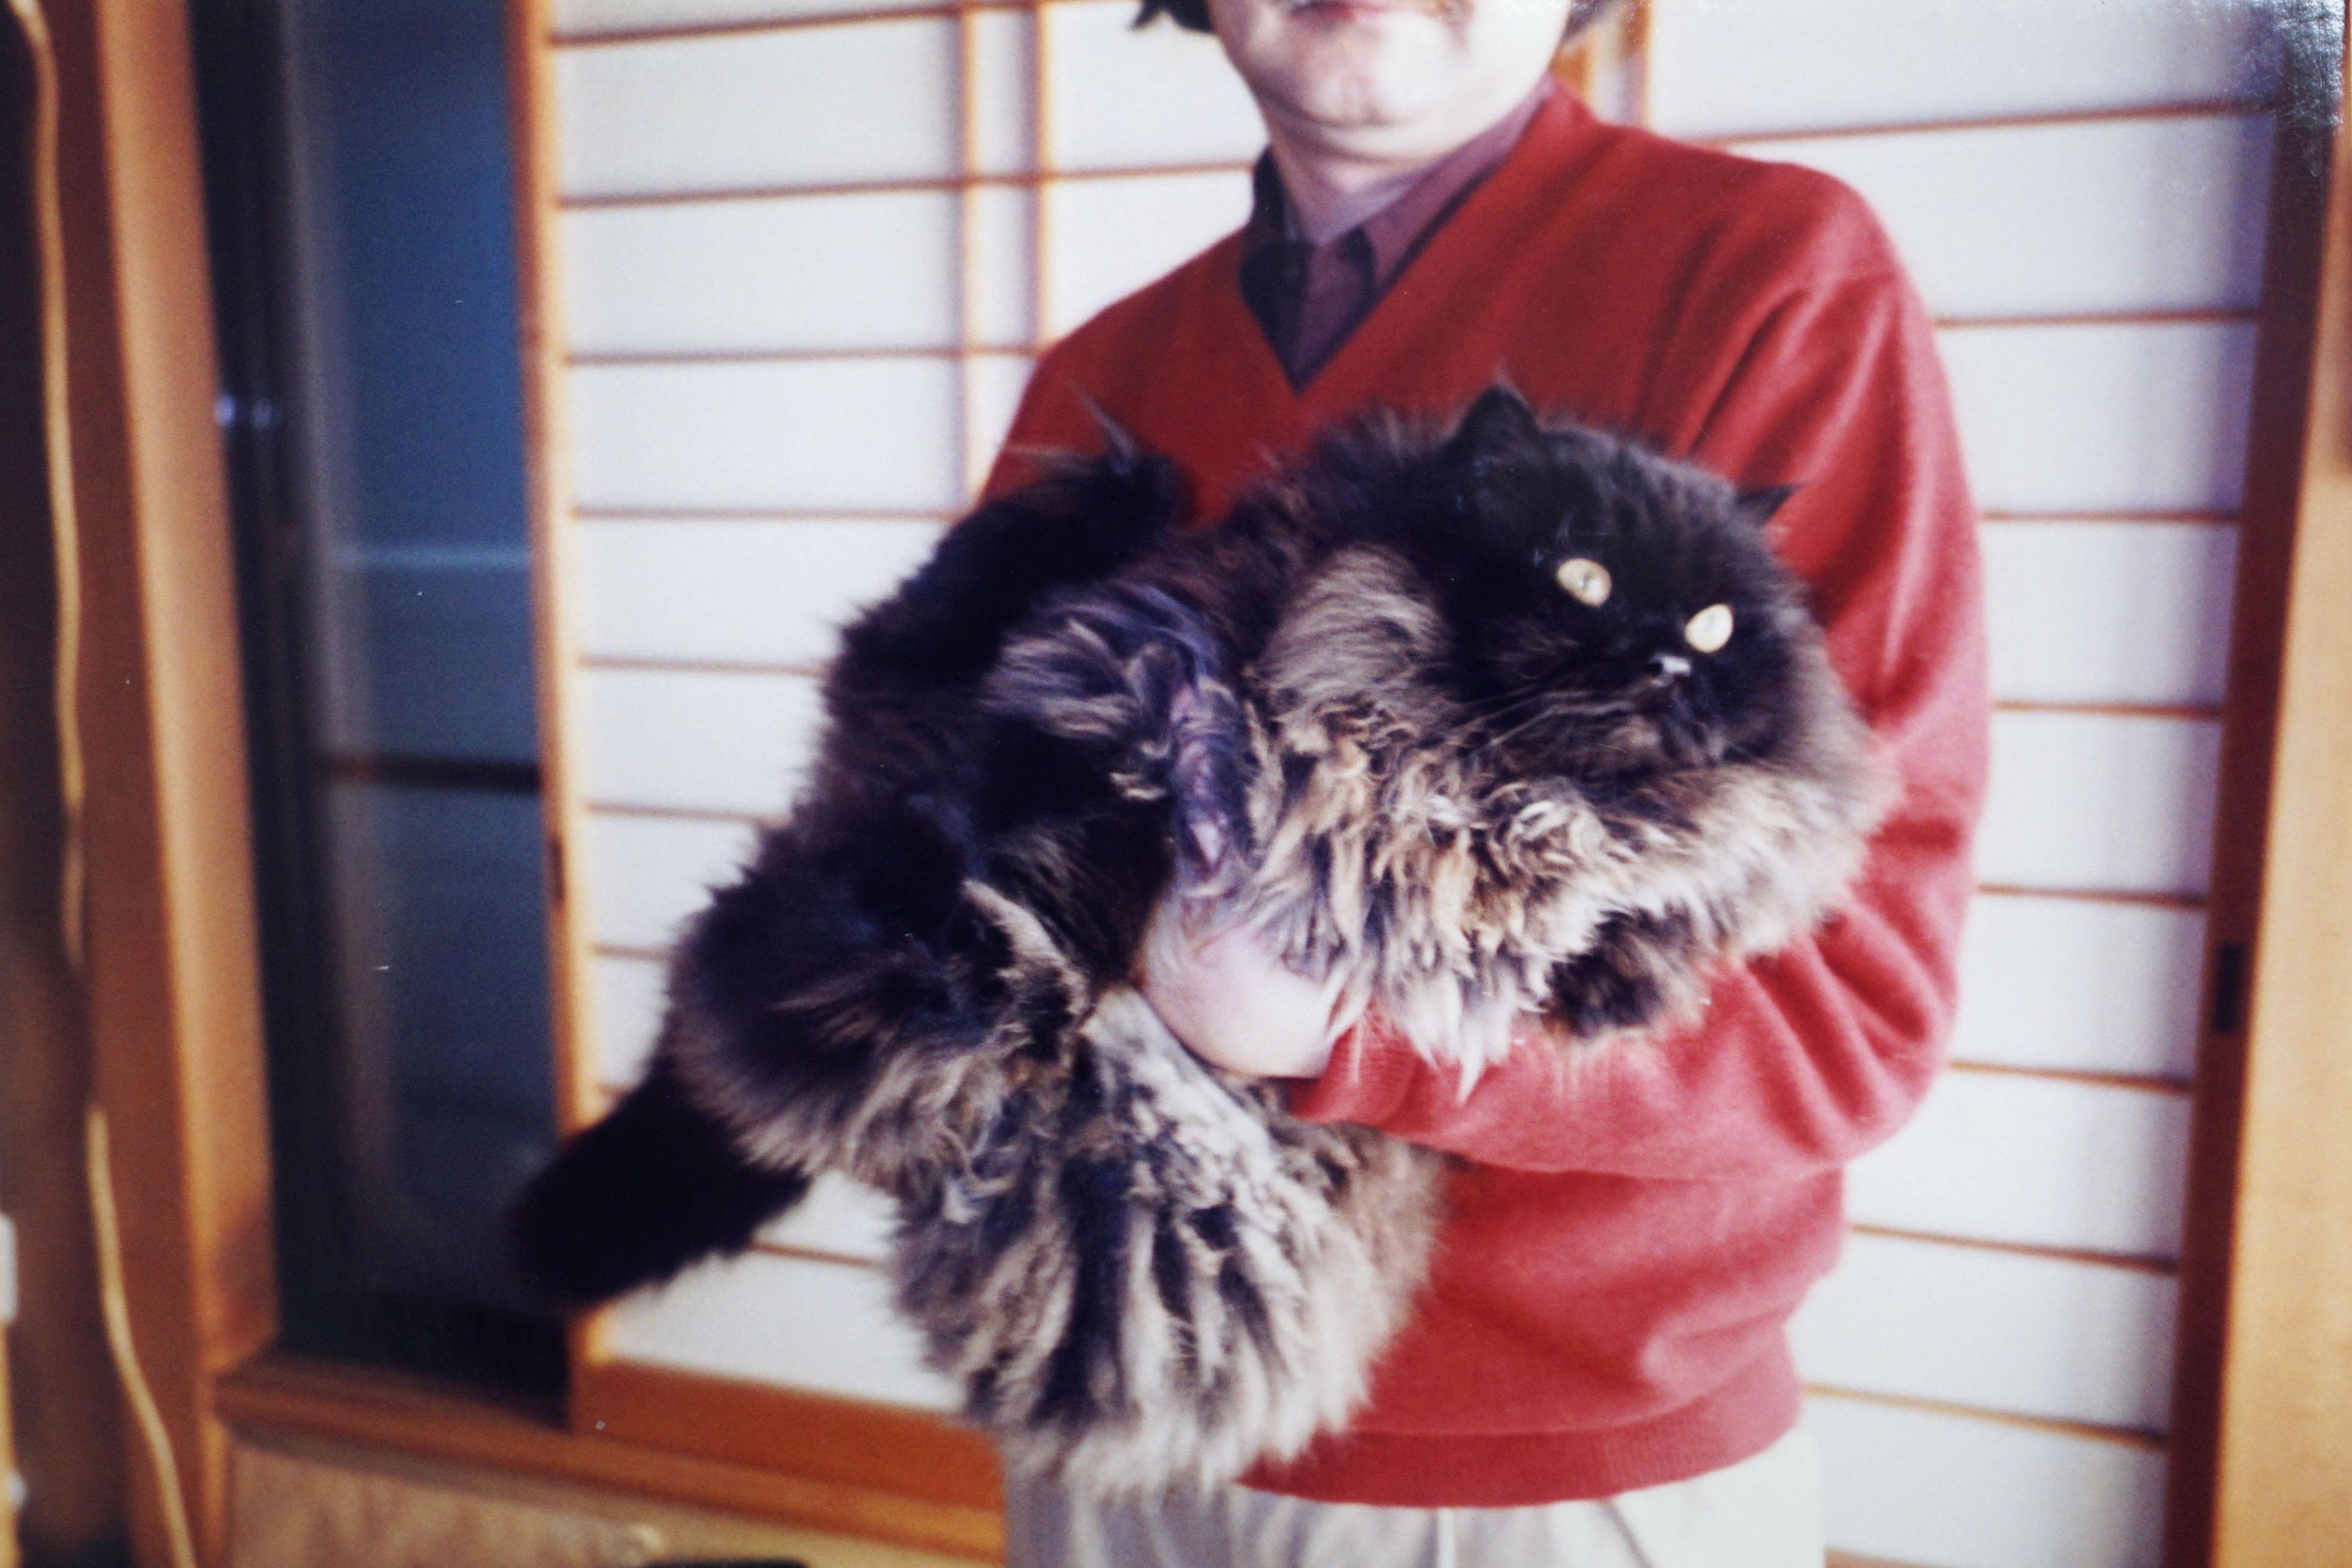 原画&写真公開。谷口ジローさん『犬を飼う。そして…猫を飼う』愛犬の介護、保護猫との暮らし